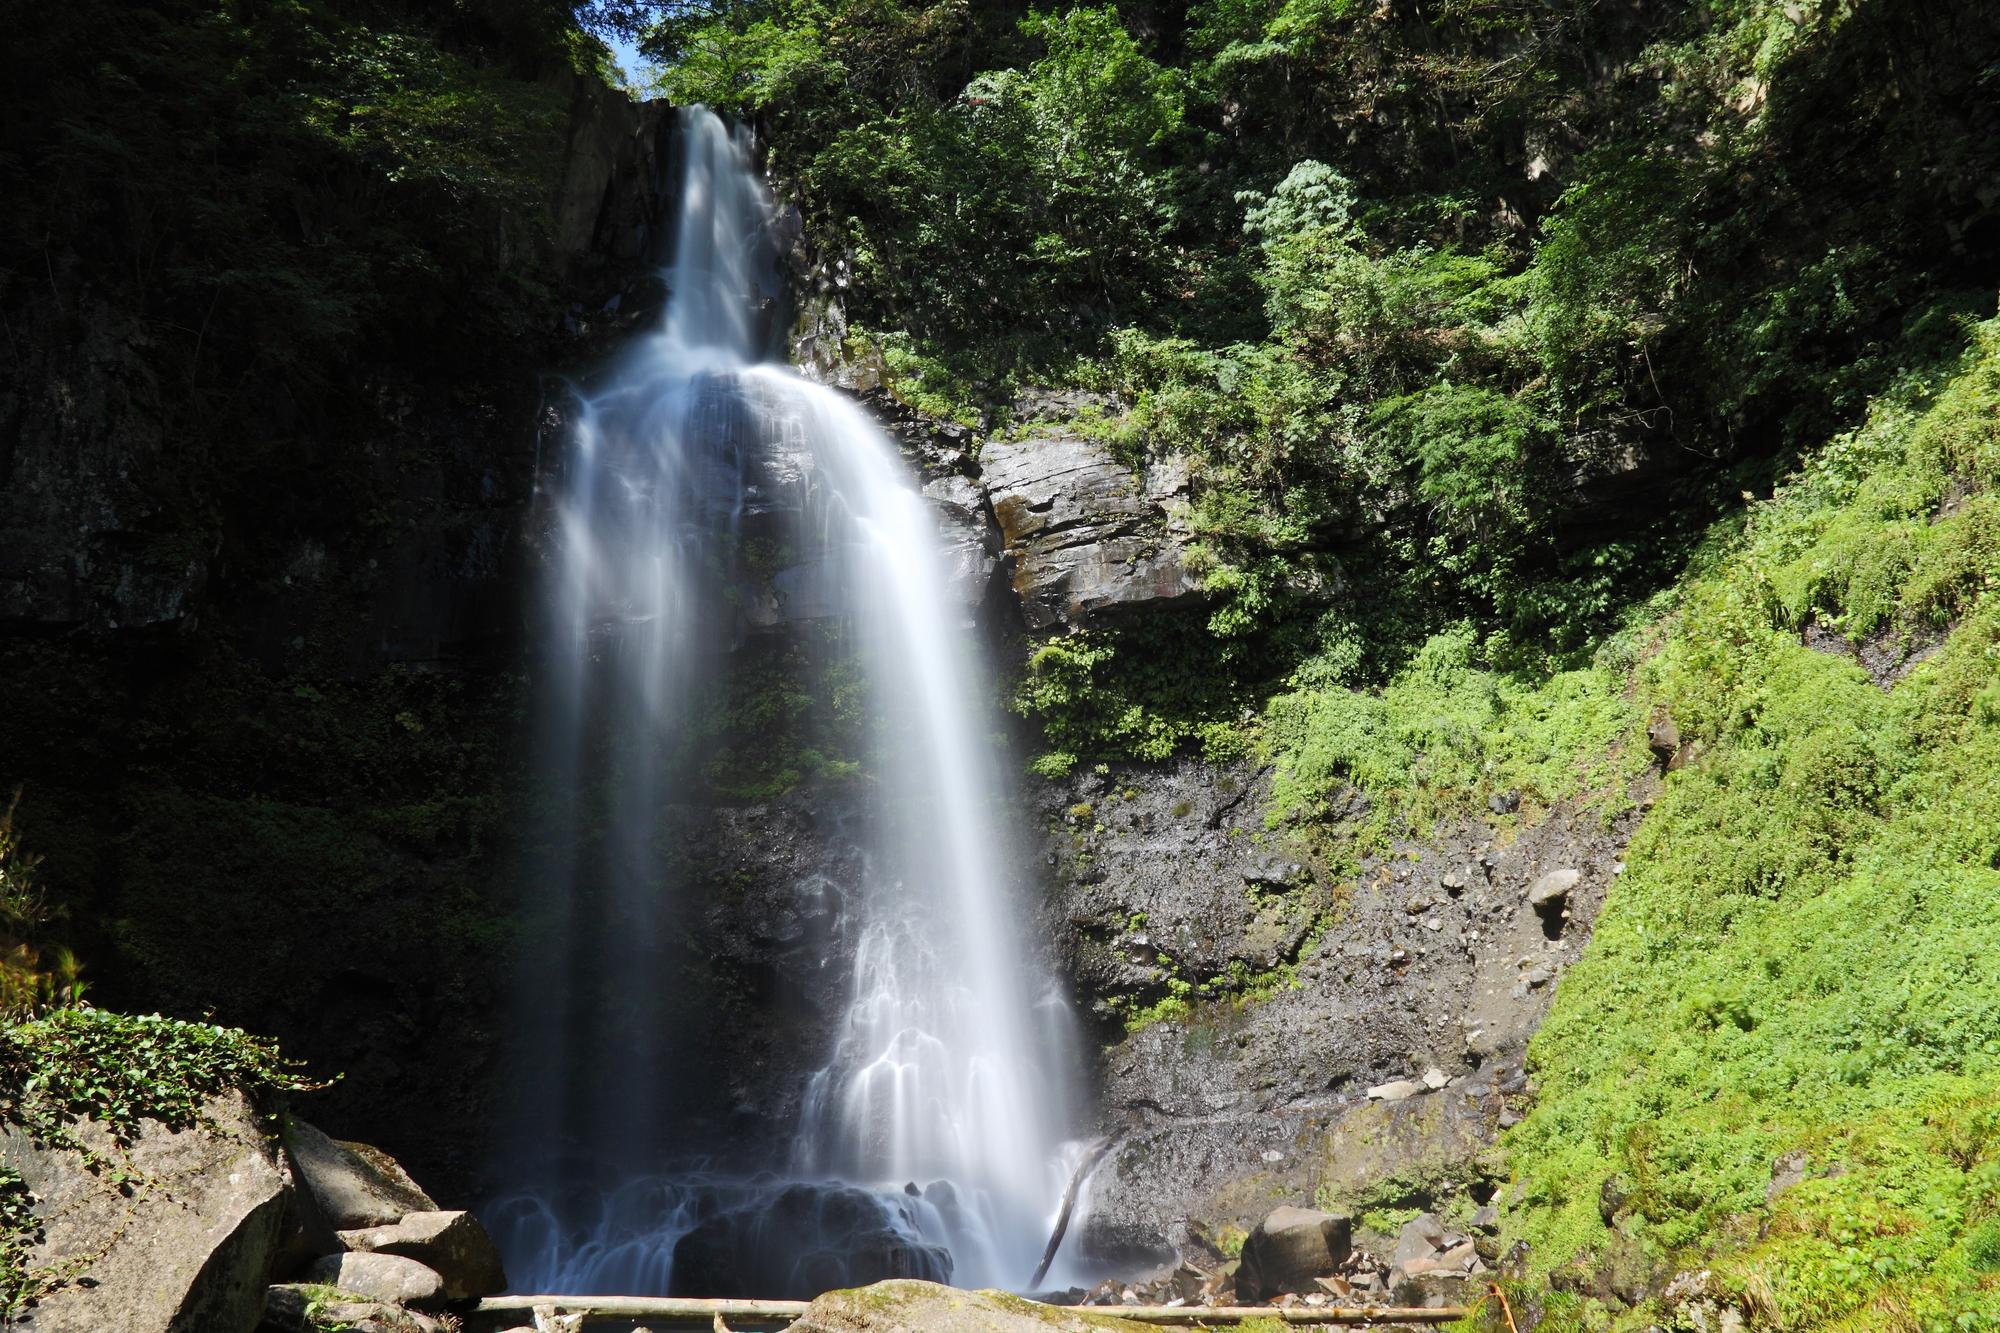 銚子ケ滝(ちょうしがたき)